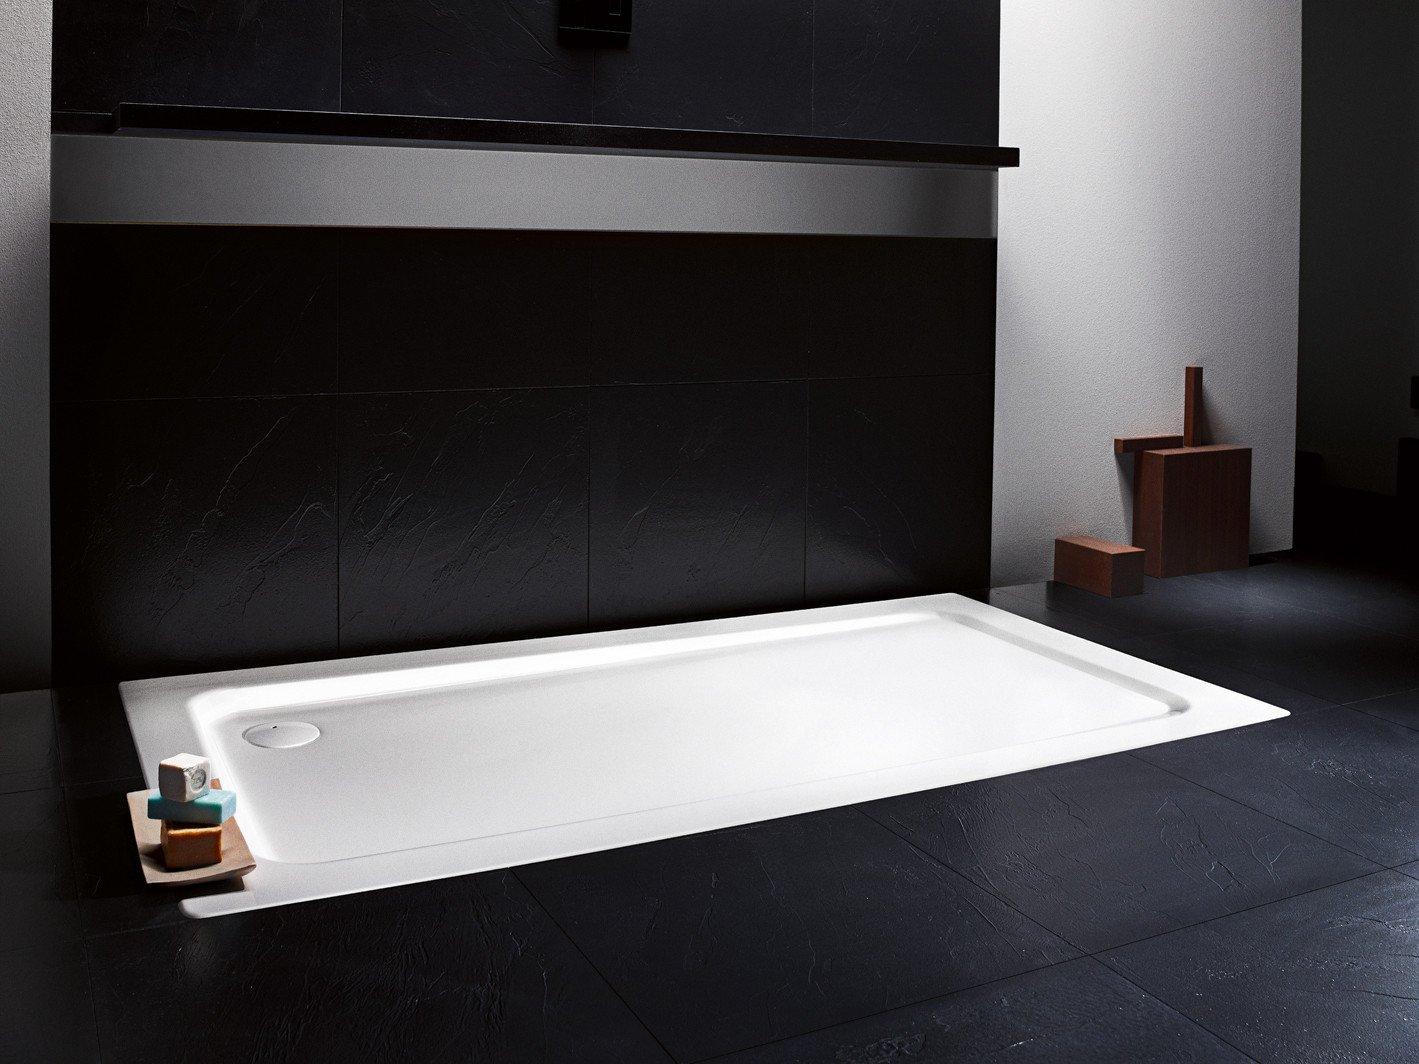 Umbau eines sanitärraums zum rollstuhlgerechten bad bad und